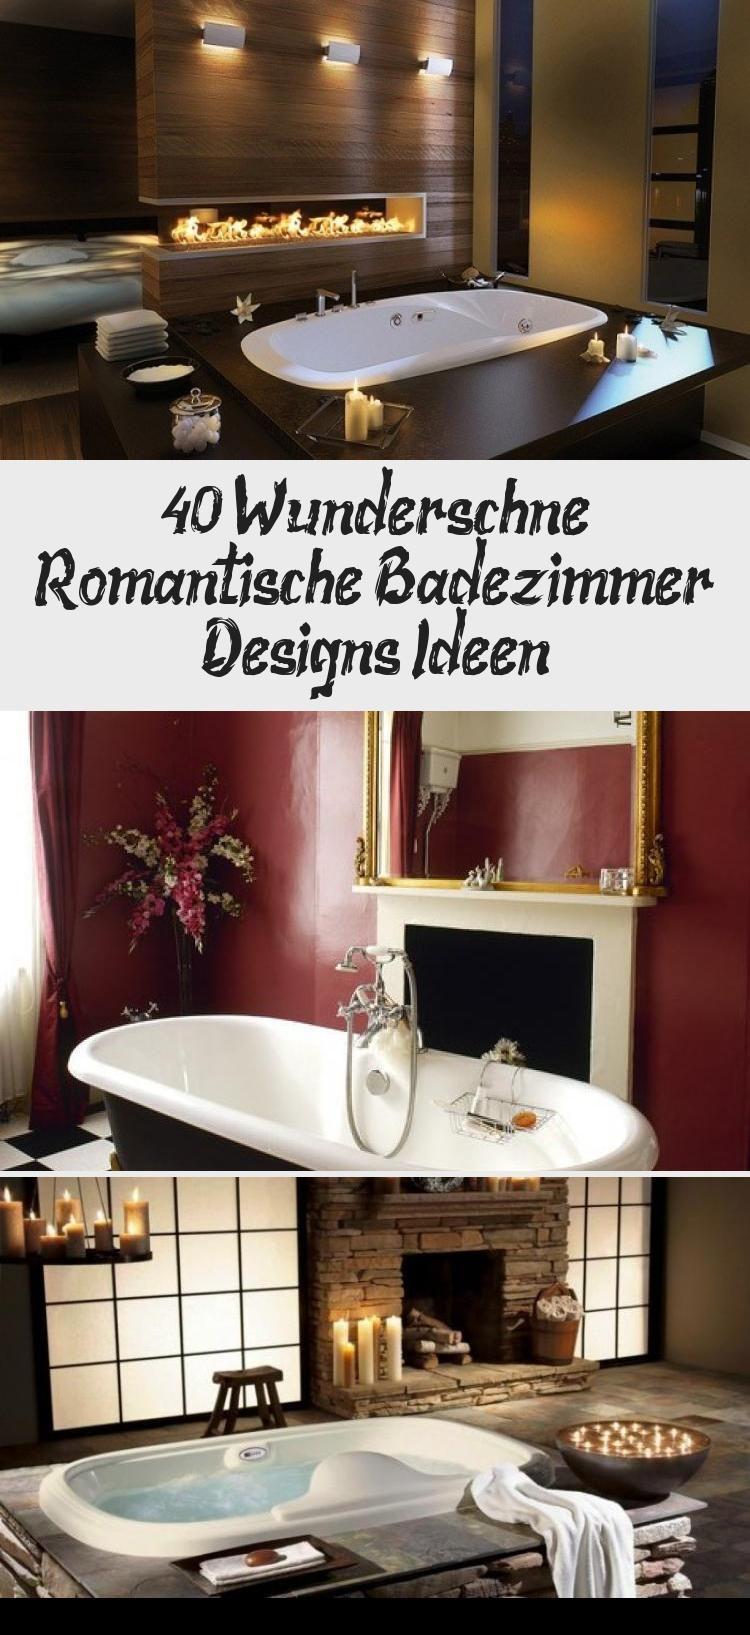 8 Wunderschöne Romantische Badezimmer Designs Ideen  Badezimmer